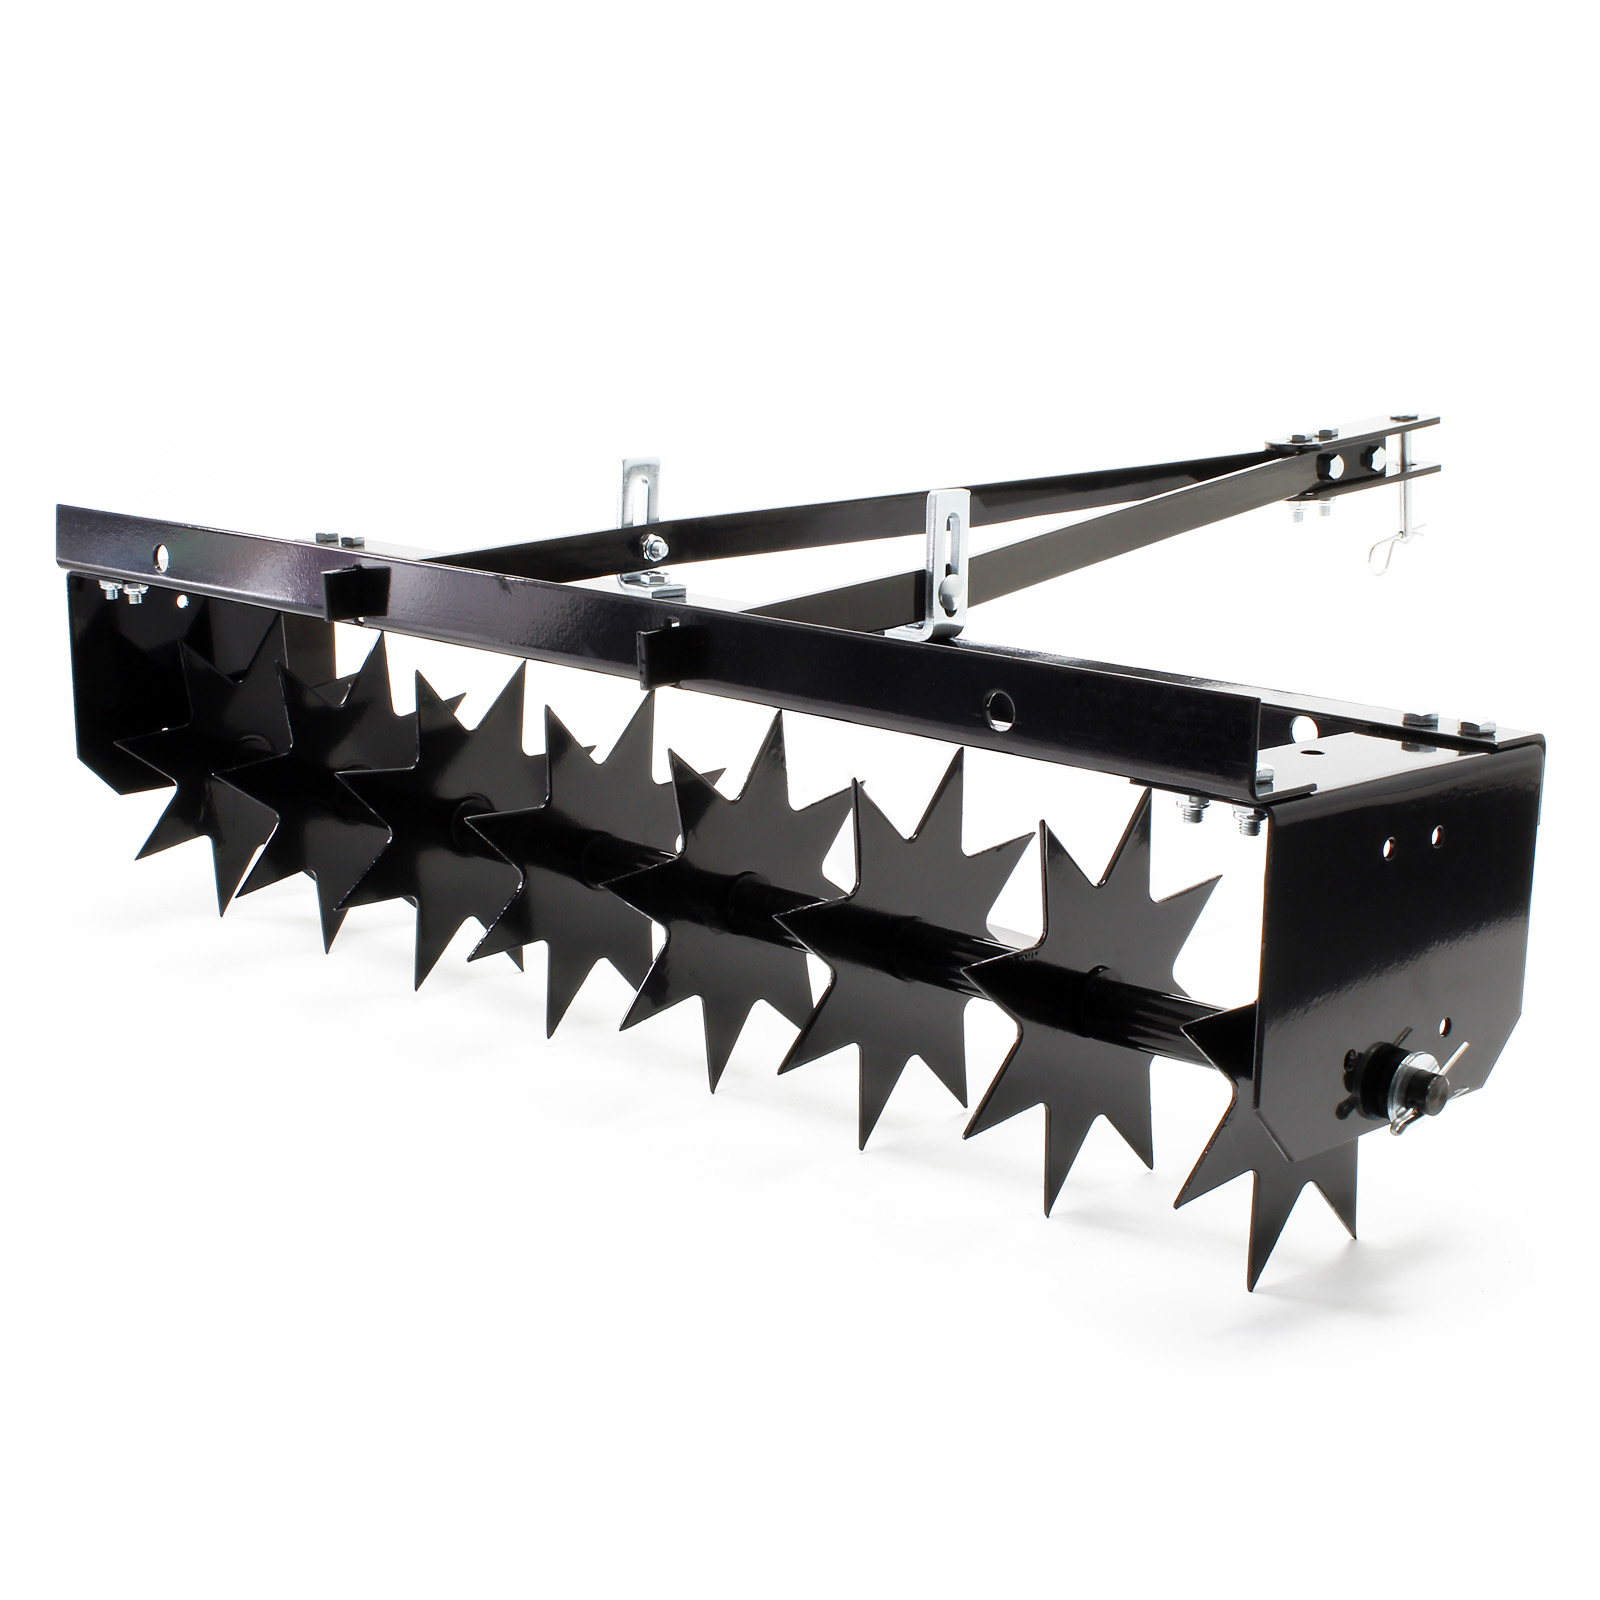 scarificateur peigne gazon d mousseur 120cm autoport e. Black Bedroom Furniture Sets. Home Design Ideas